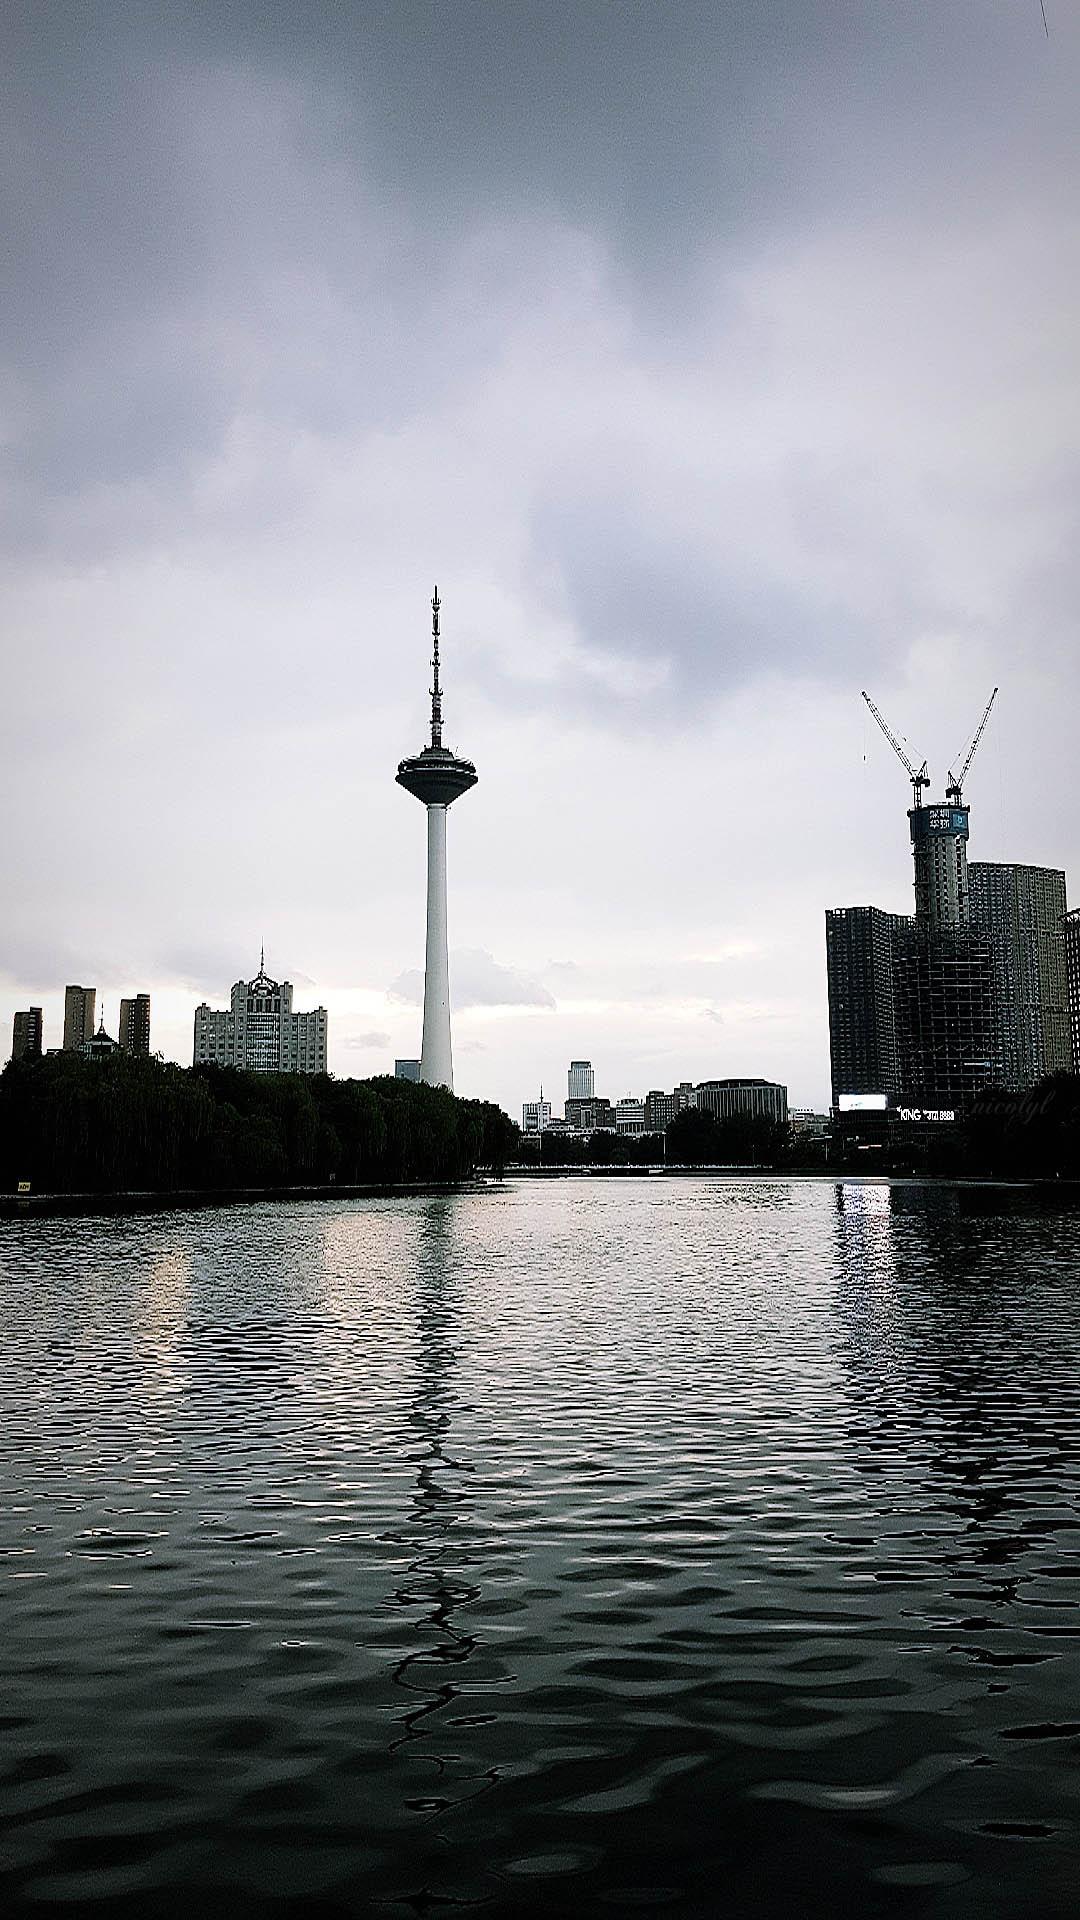 shenyang liaoning youth park sunset tv tower 黄郁蕾 nicol yuk lui Wong yukluistyle Huang yu lei nicolyl